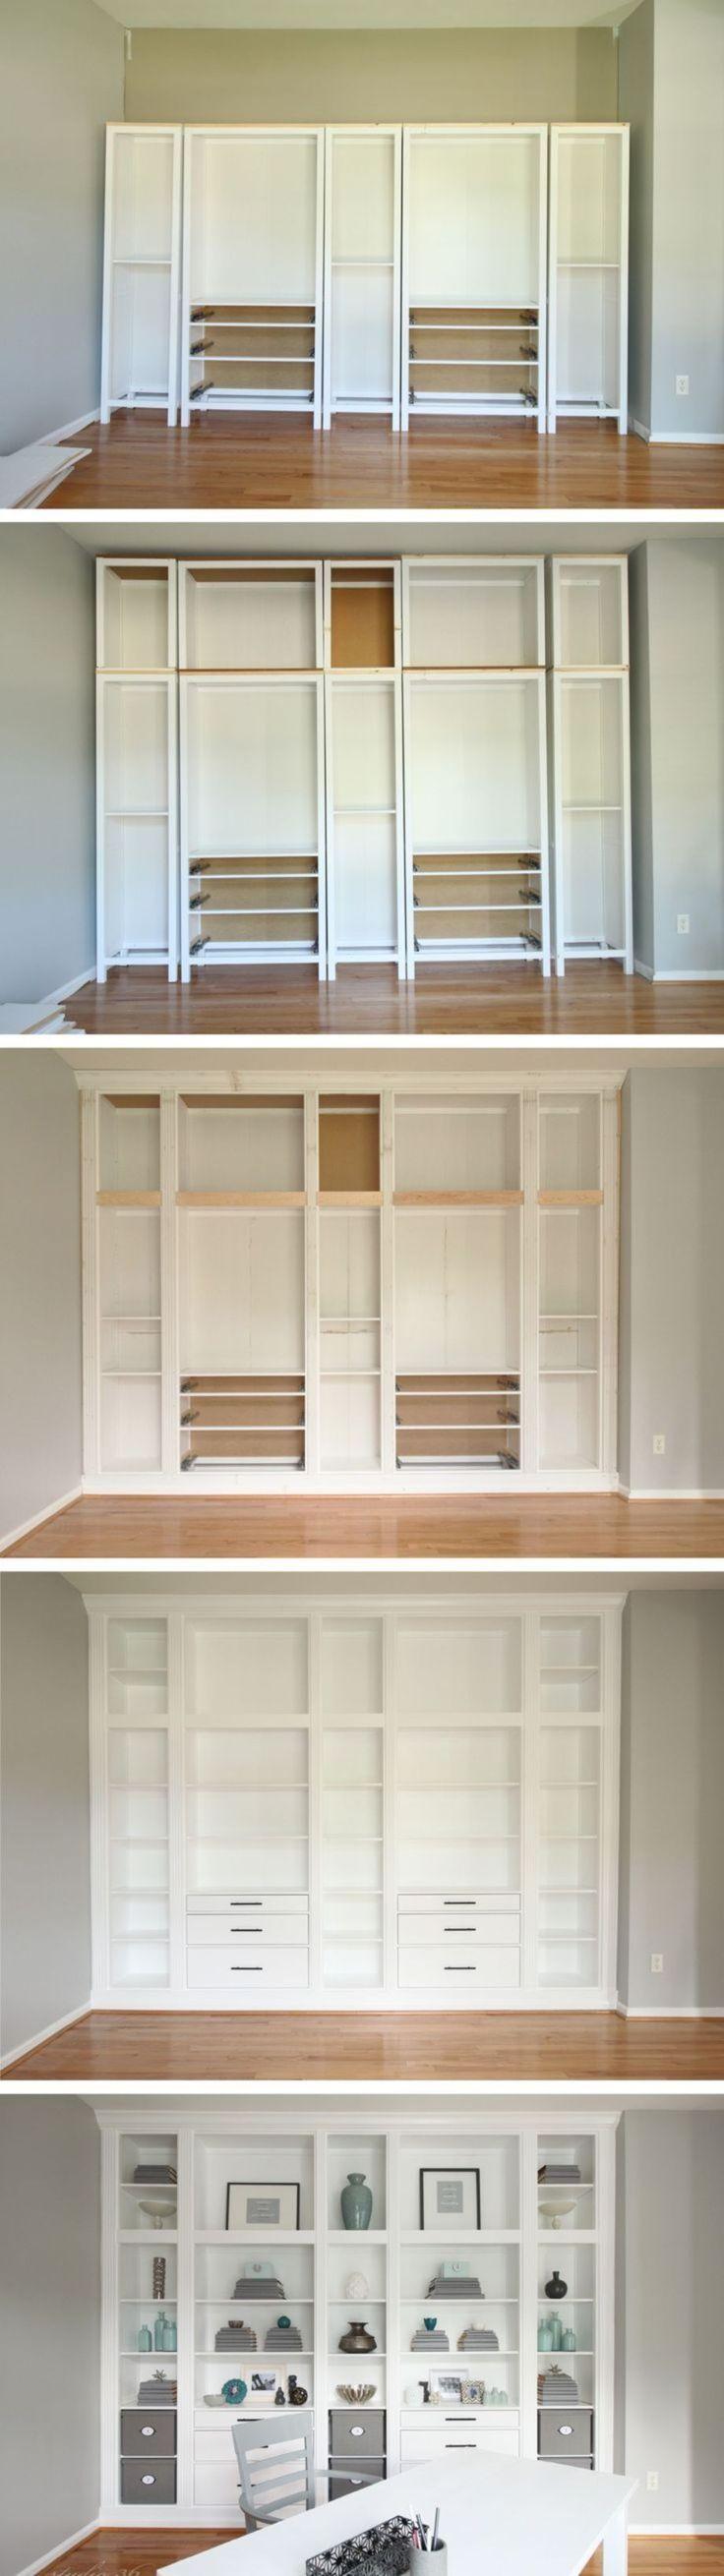 35 best Bookshelves Bookcases & Open Shelving Ideas images on